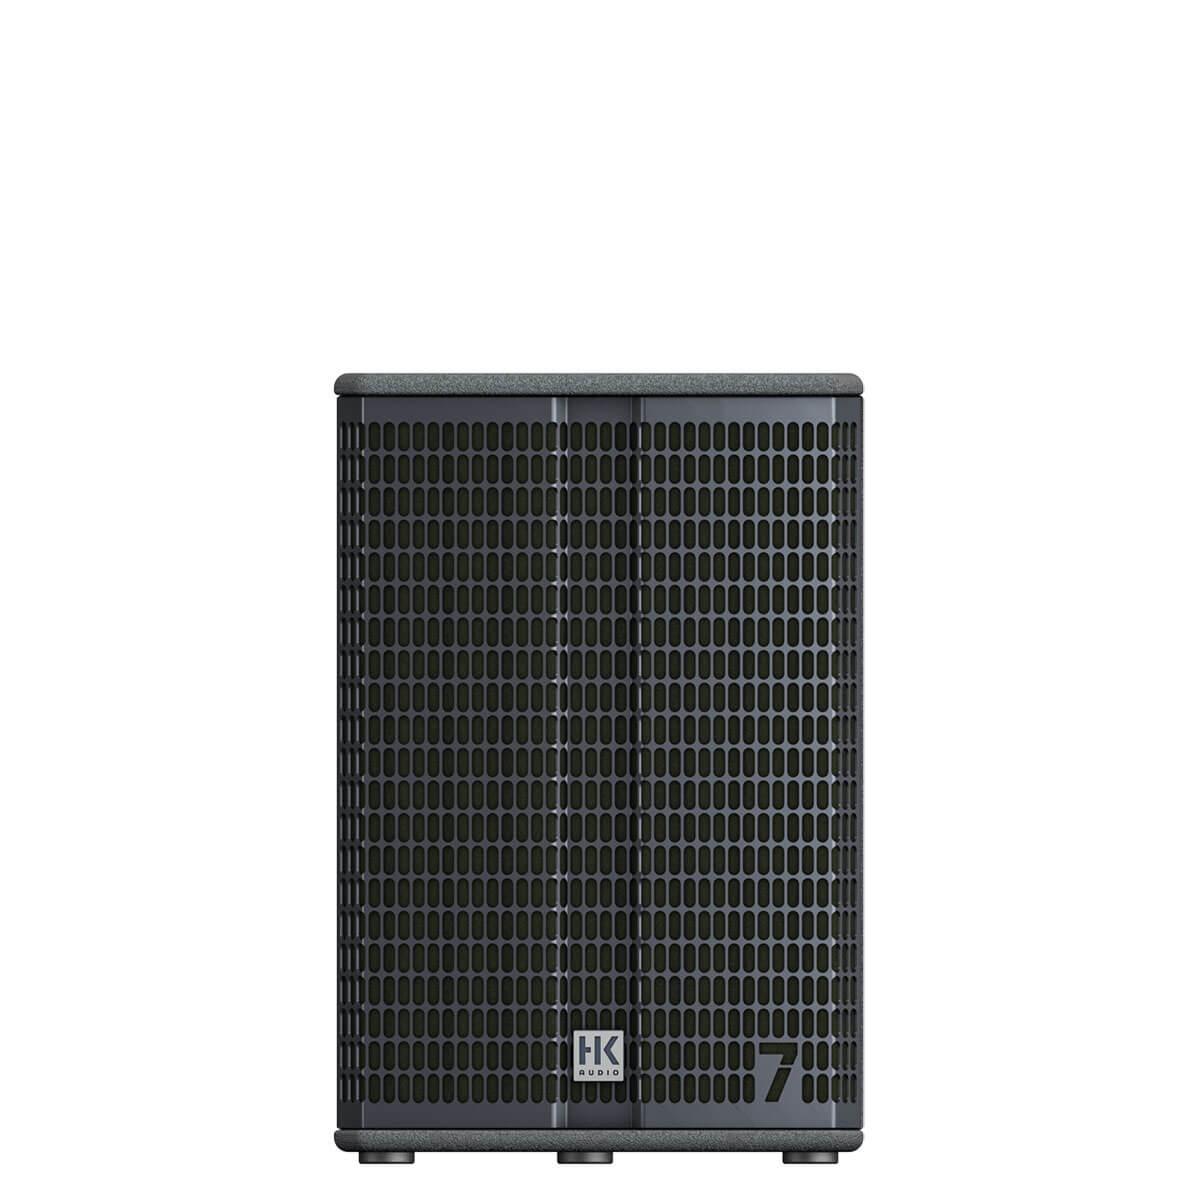 L7 110 XA